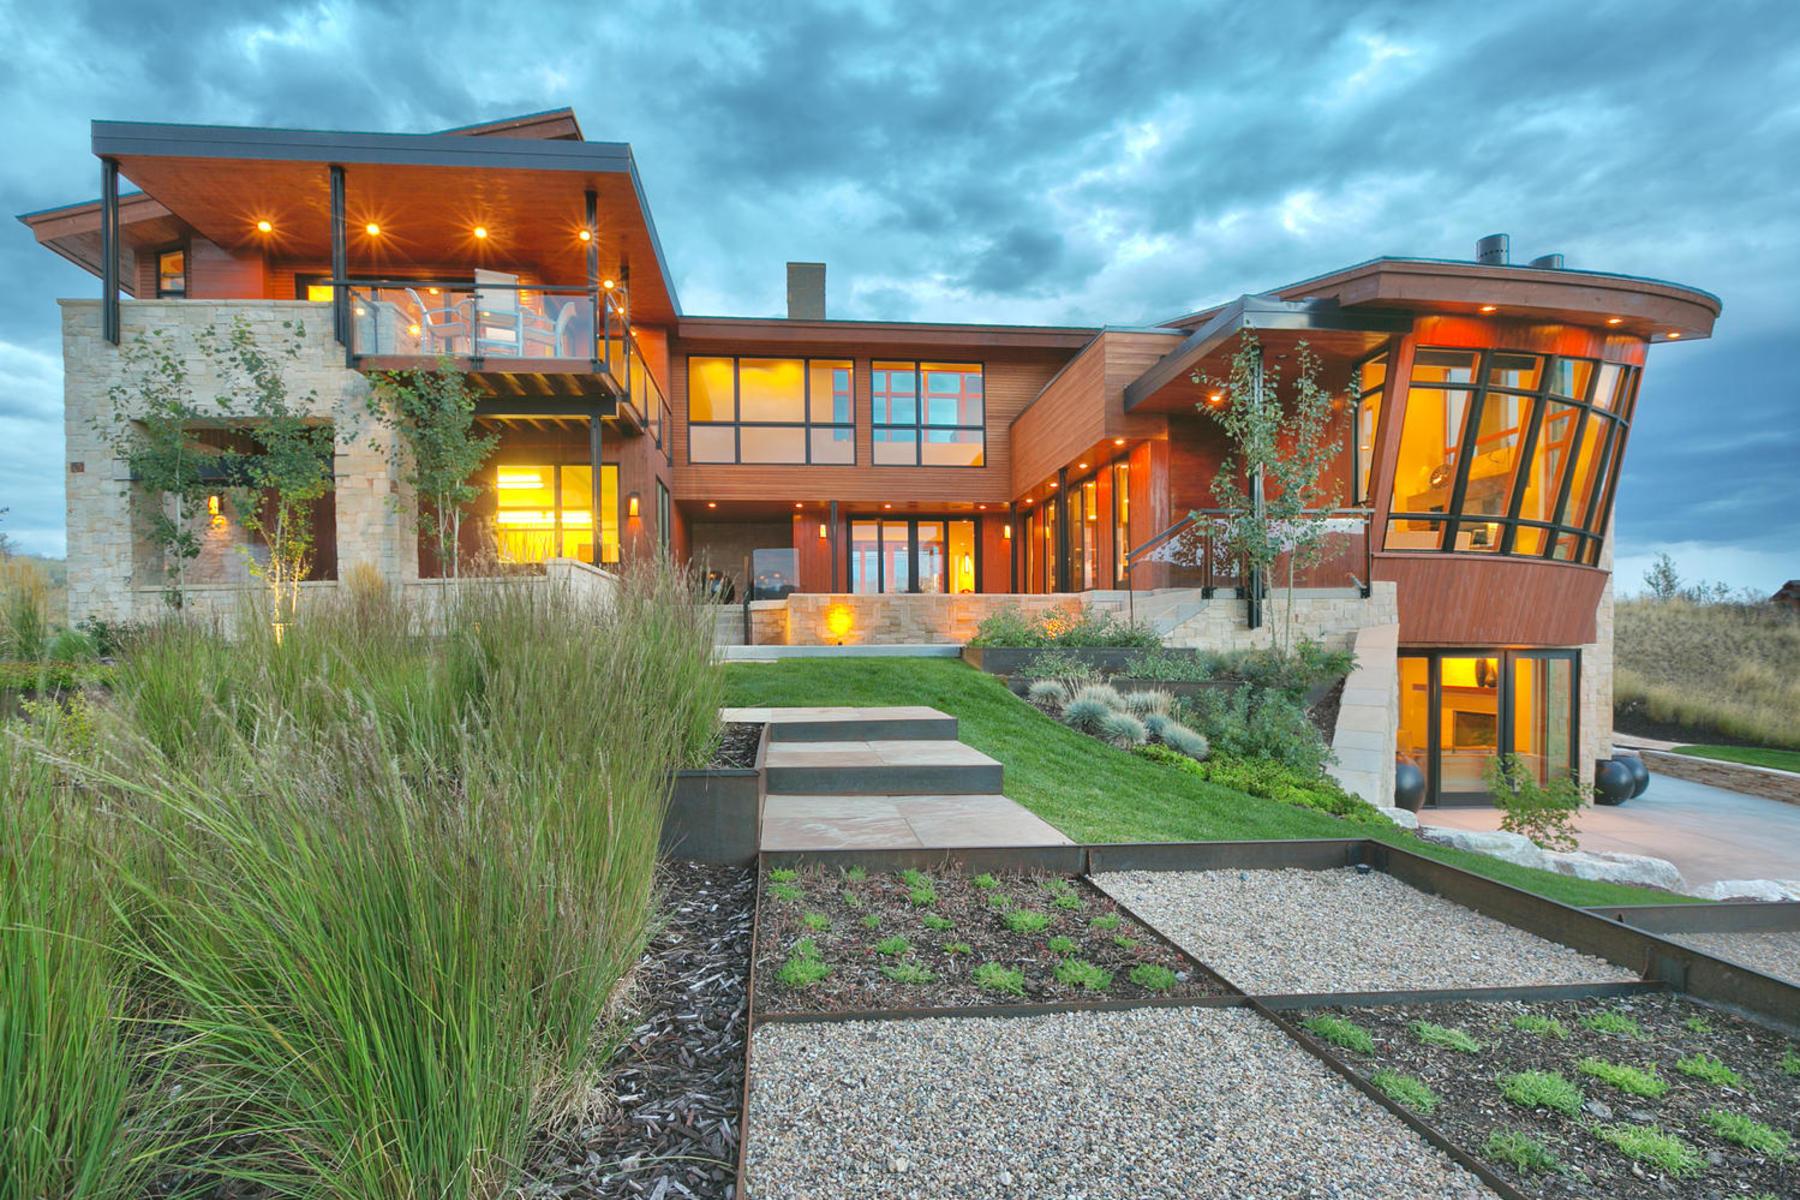 独户住宅 为 销售 在 Extraordinary Epitome of Modern Luxury 6639 E Chaparral Rd 亨茨维尔, 犹他州, 84317 美国